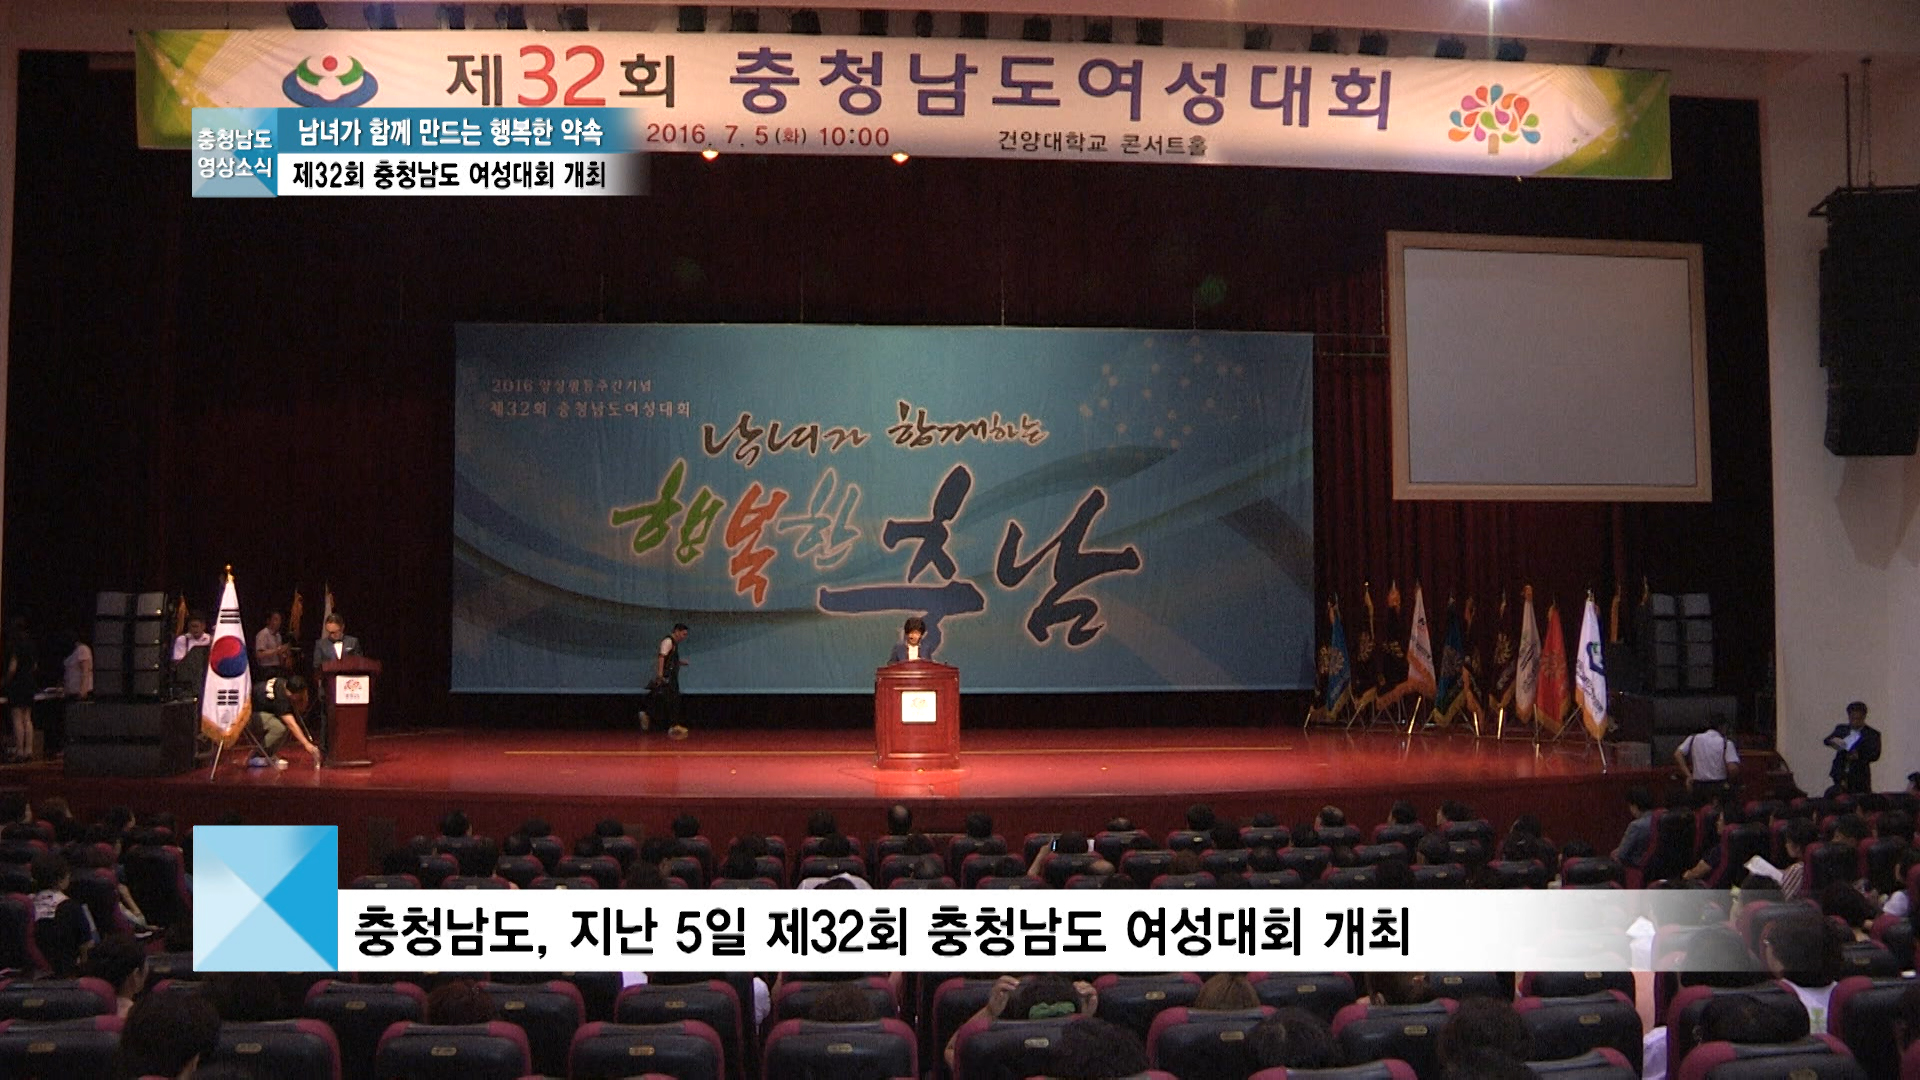 [종합]충청남도 영상소식 27회